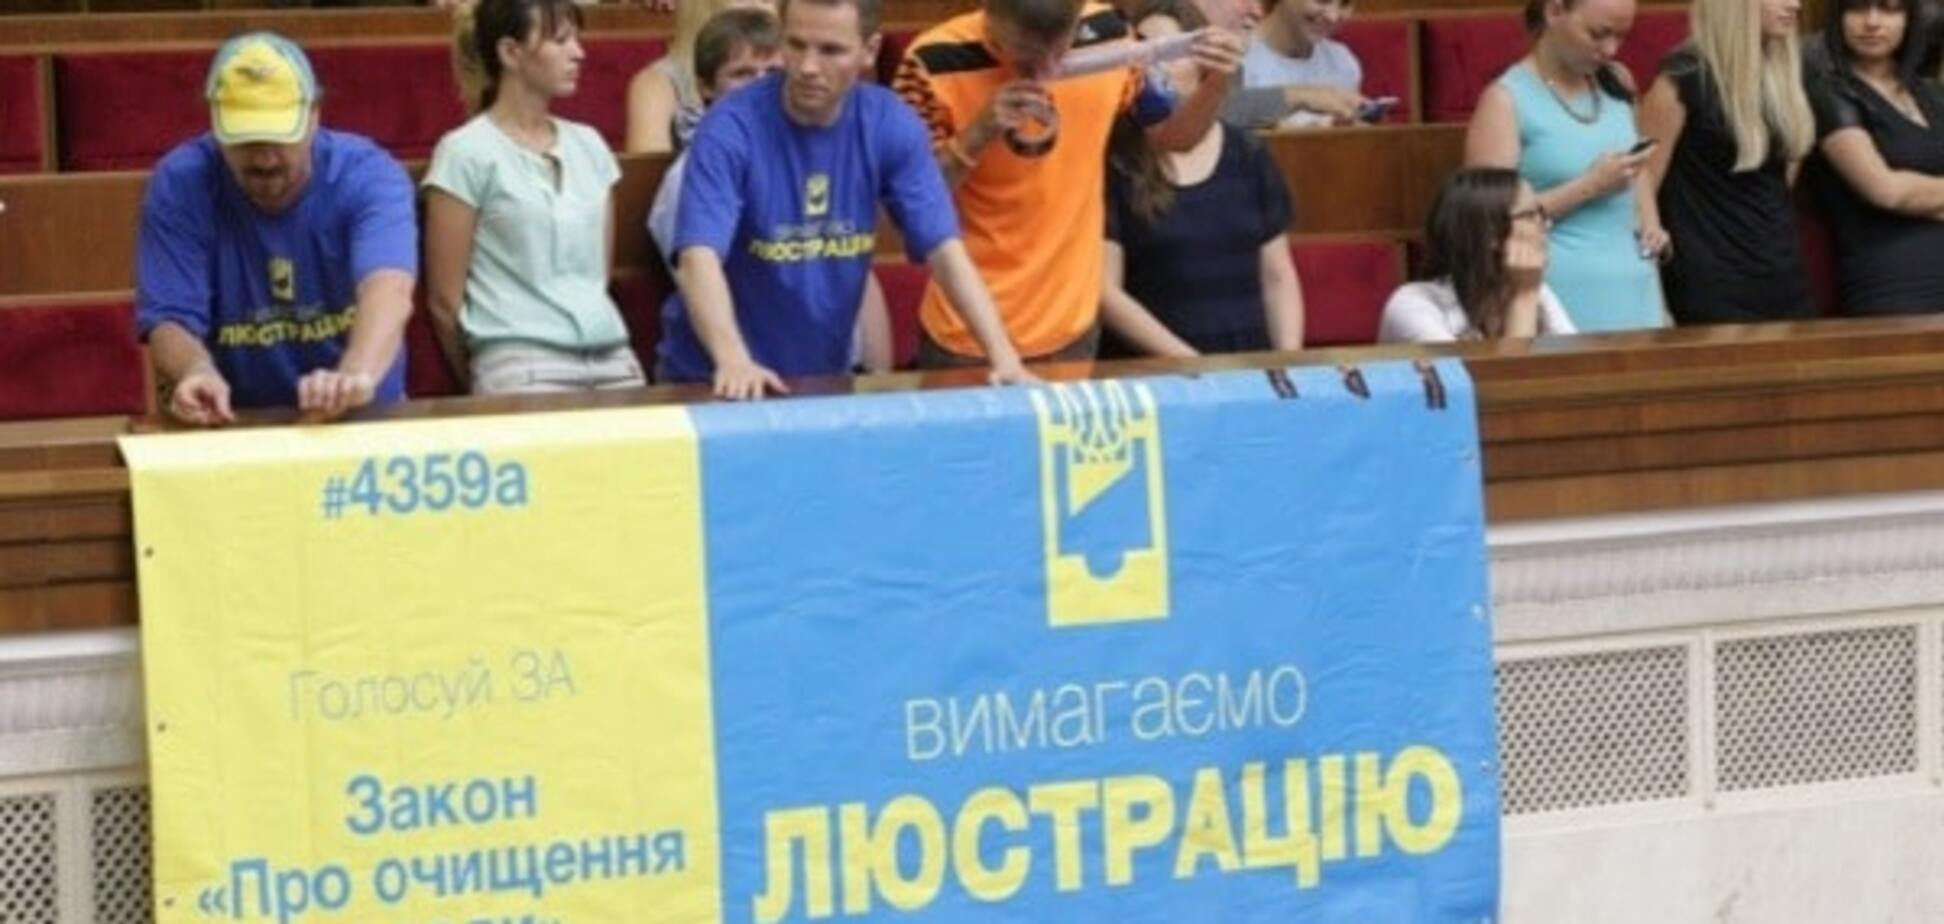 А судді хто: Козаченко заявила, що КС не має права скасовувати люстрацію